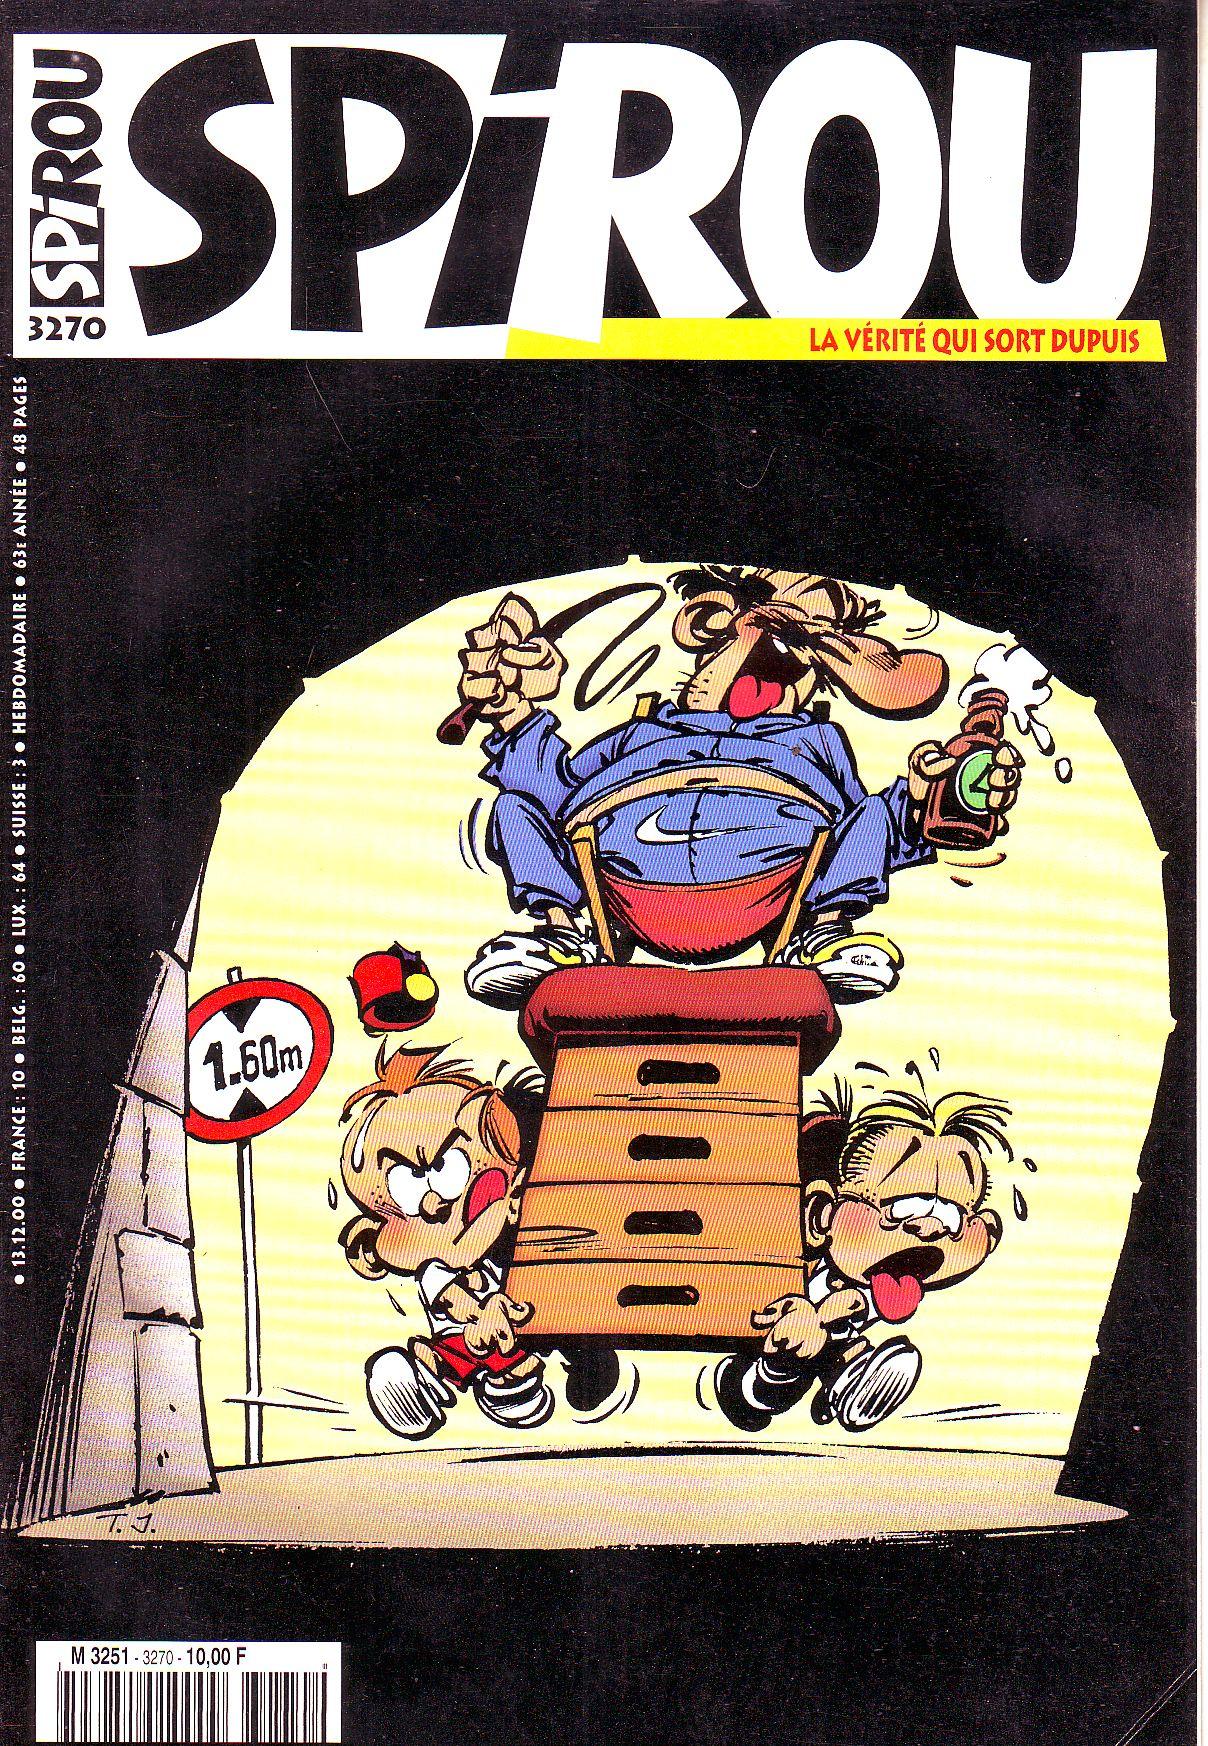 Le journal de Spirou 3270